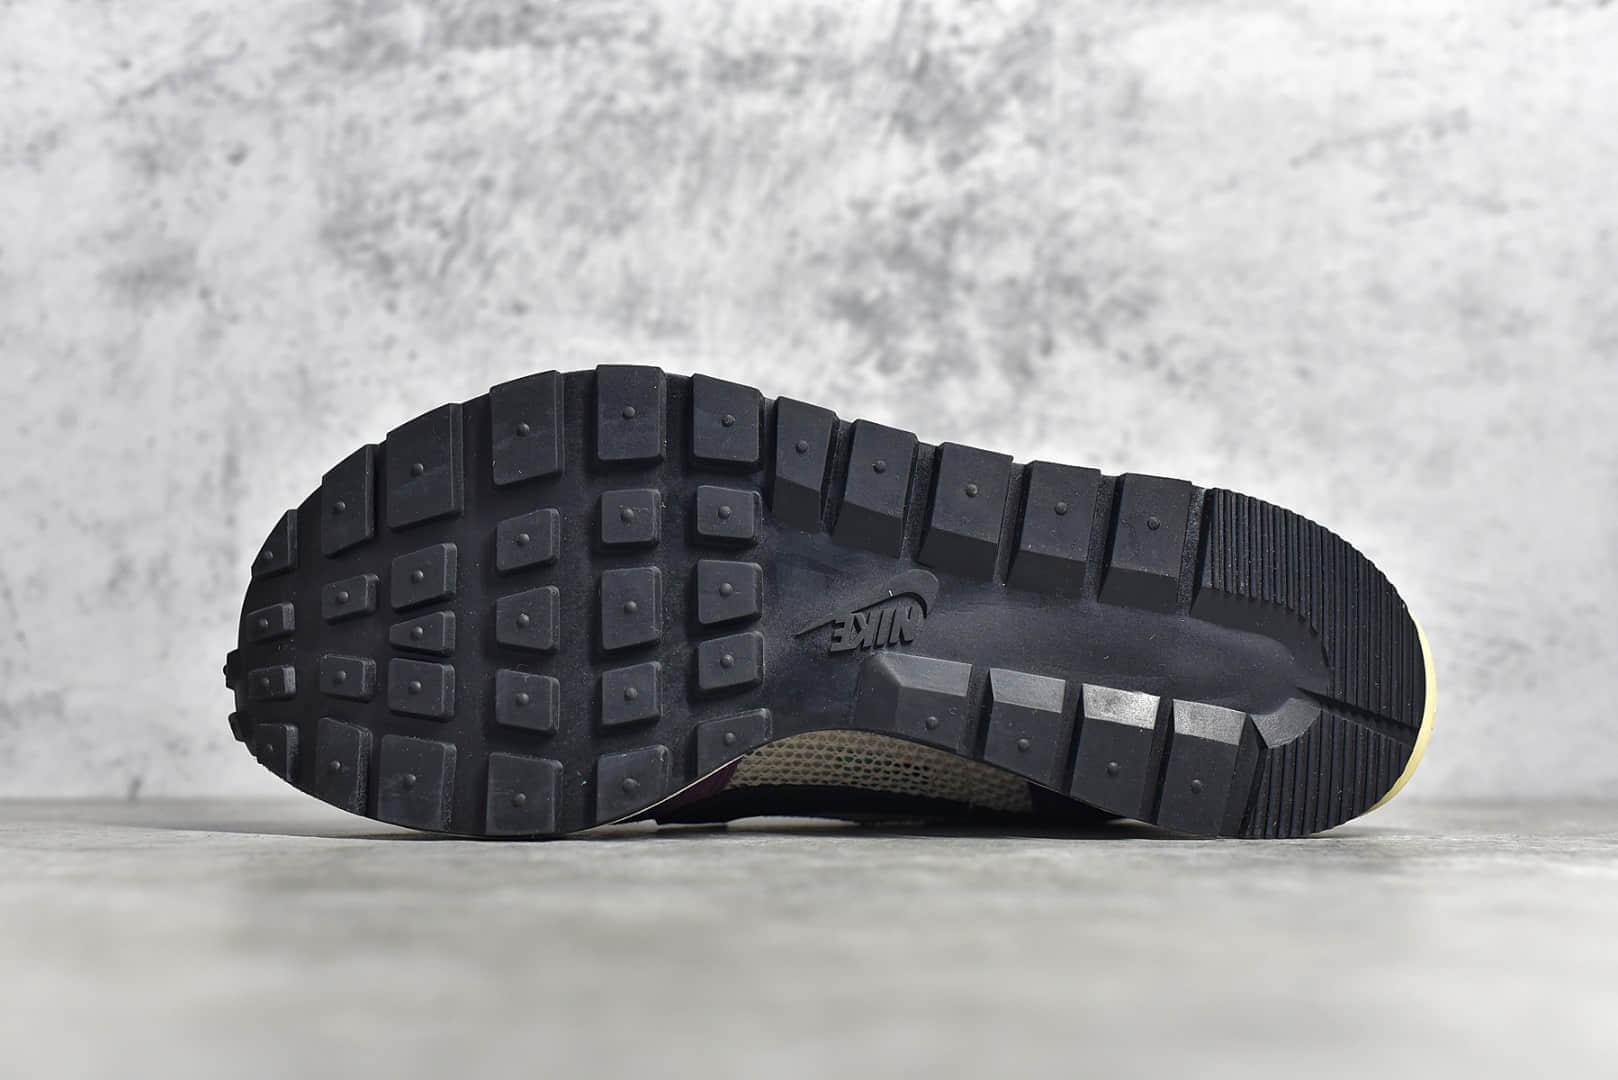 耐克Sacai联名紫色 Sacai X Nike regasus vaporrly SP 耐克华夫Sacai联名翻毛皮解构鞋 货号:BV0073-001-潮流者之家